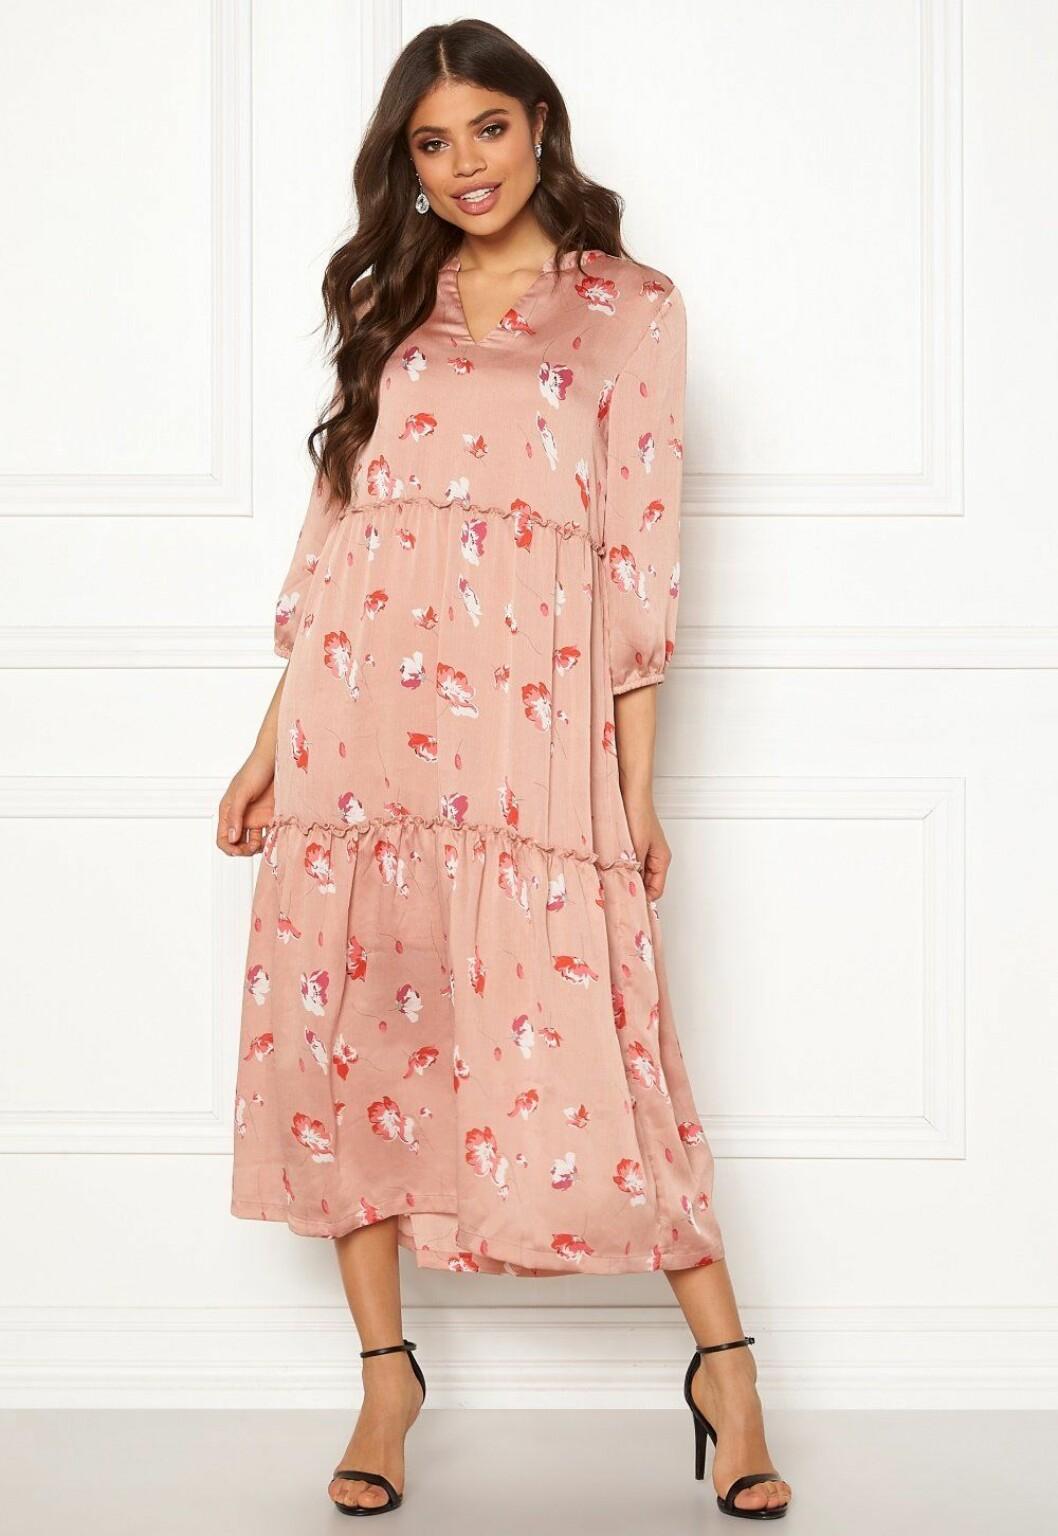 Rosa långklänning till bröllop 2019